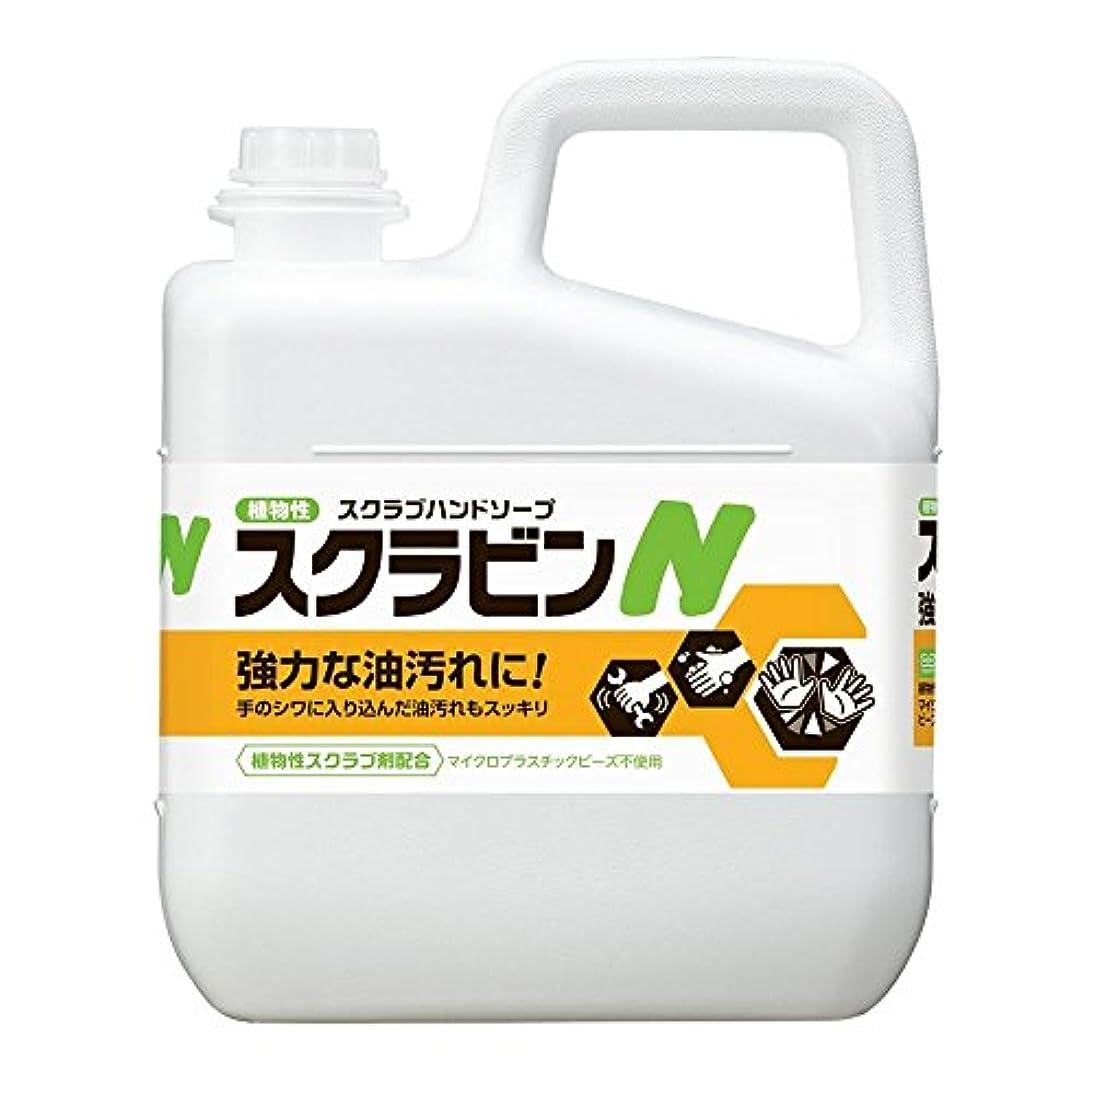 感嘆符怒る防腐剤サラヤ 植物性スクラブハンドソープ スクラビンN 5kg 23155